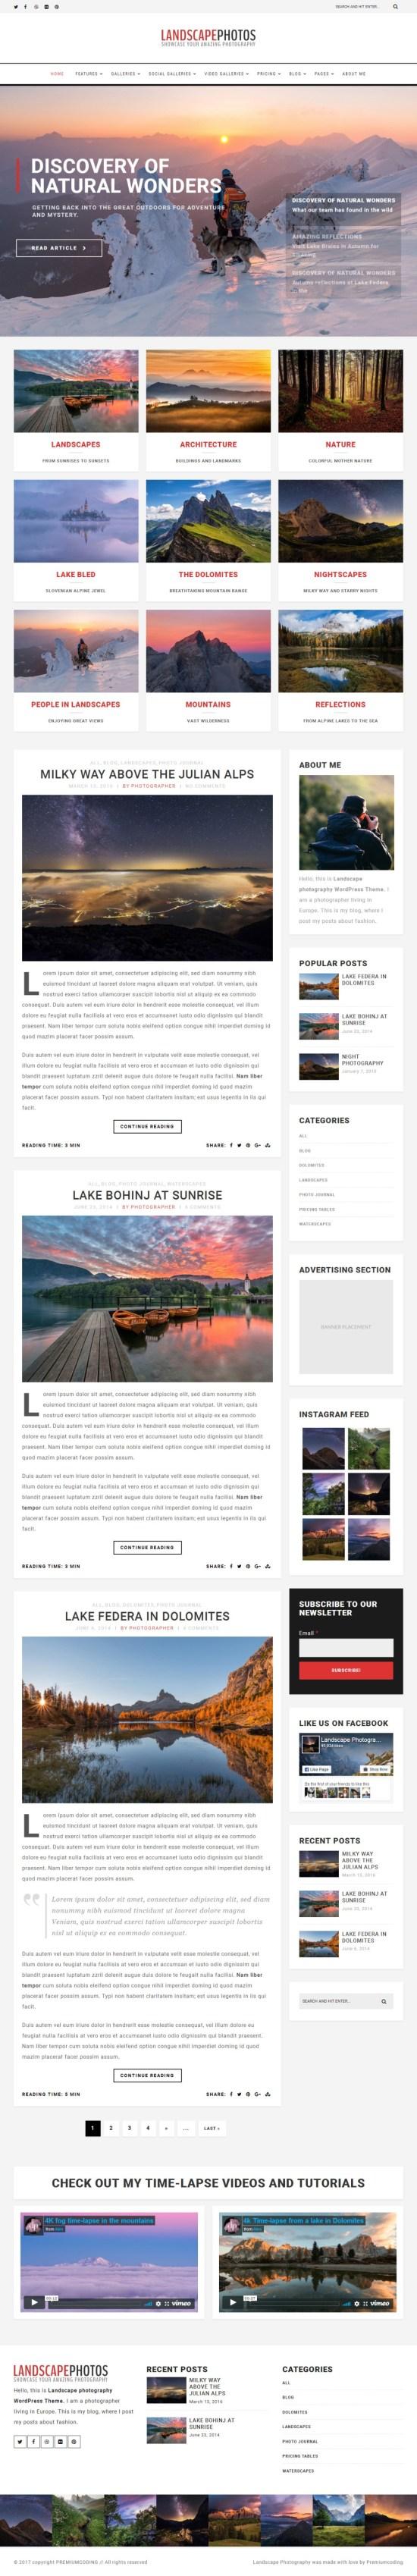 landscape photo blog templatemonster 01 - Landscape Photography WordPress Theme